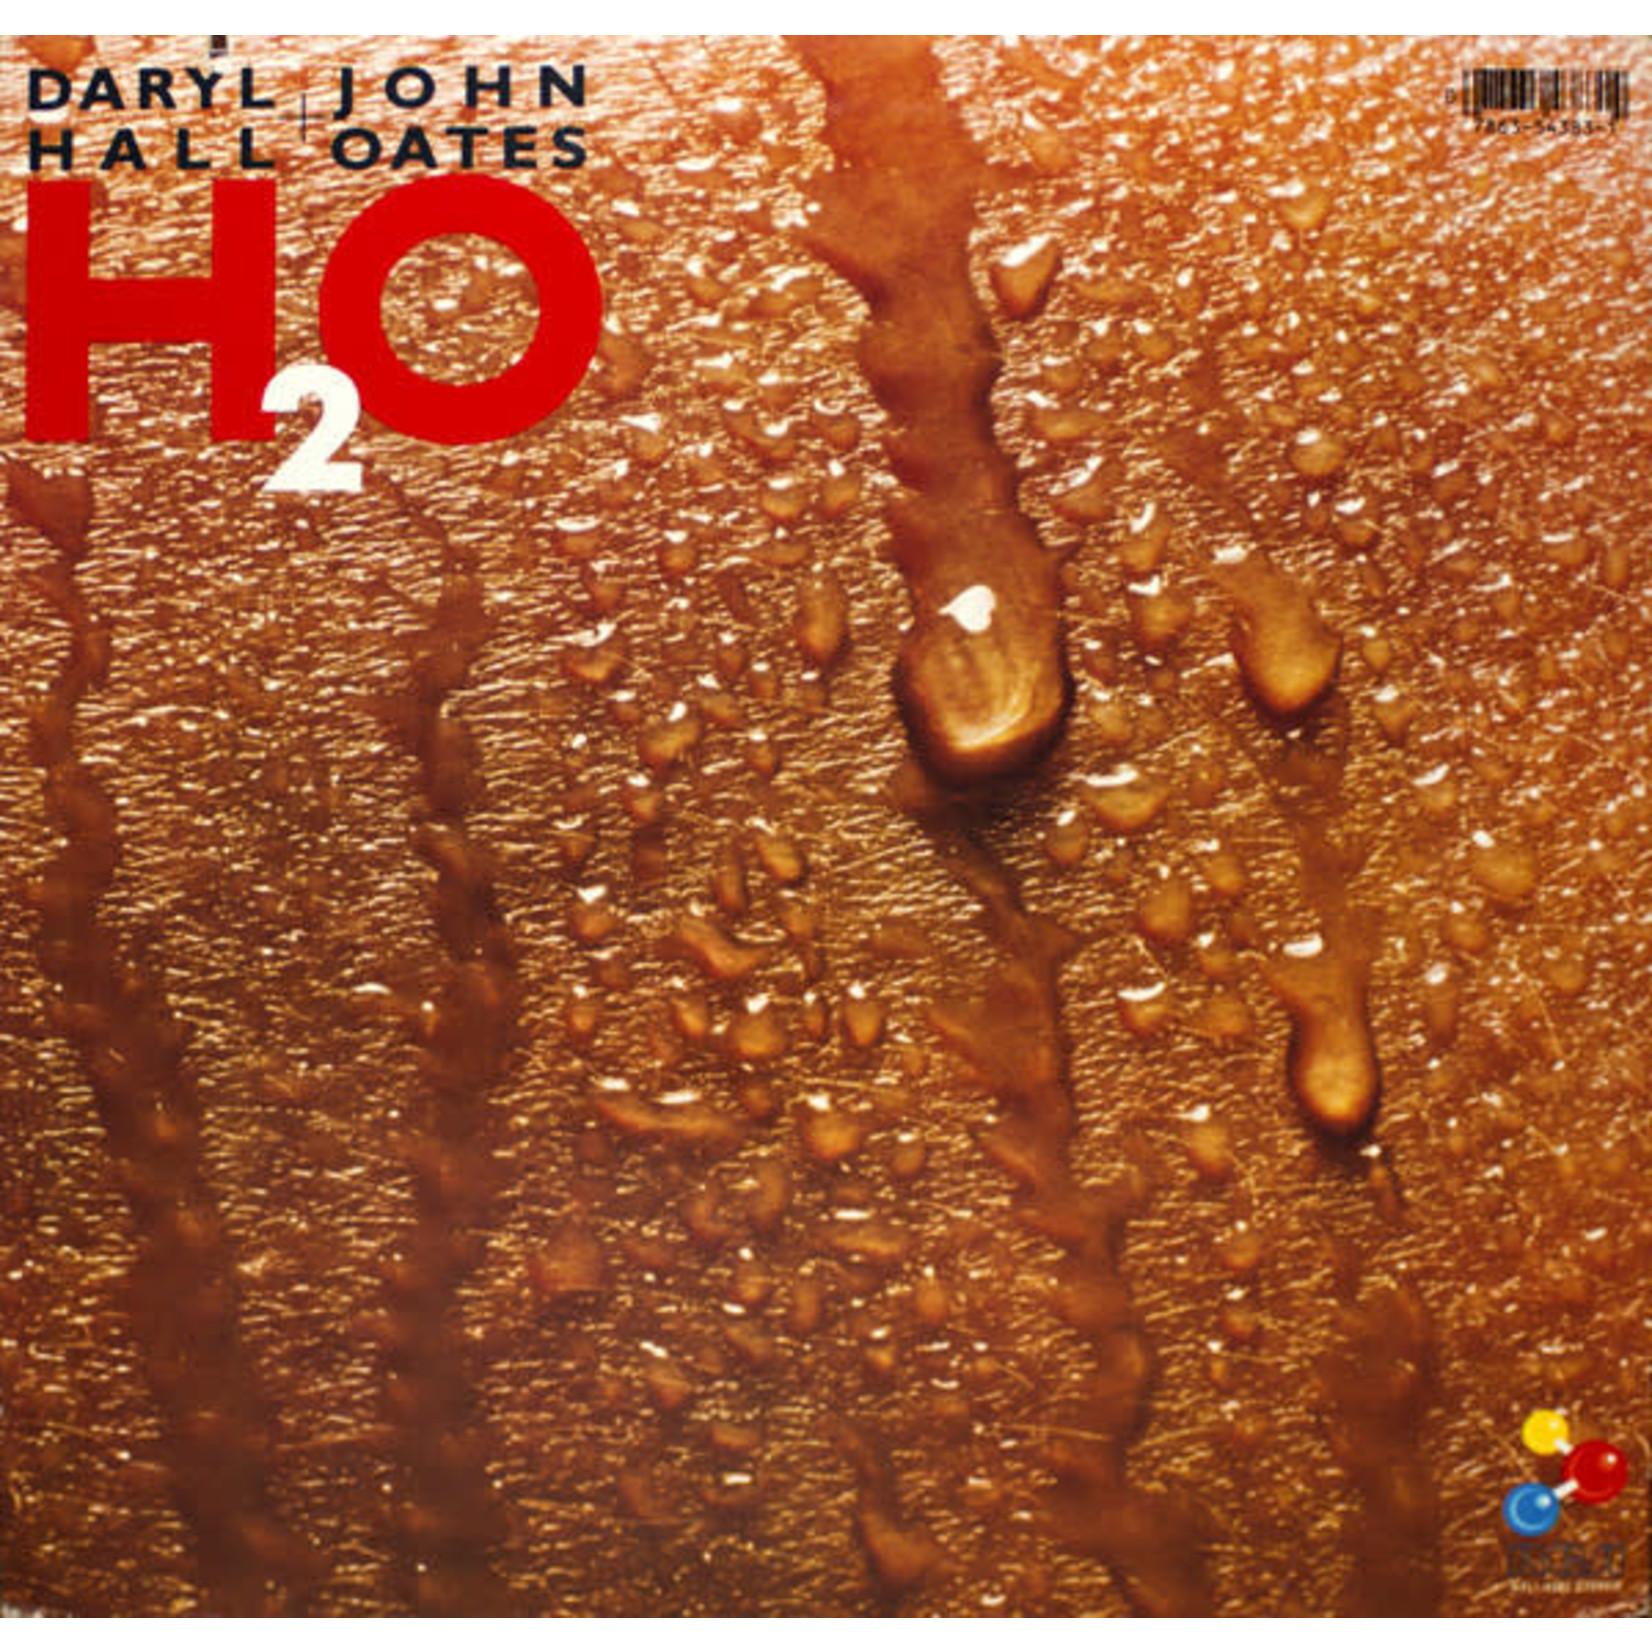 [Vintage] Hall, Daryl & John Oates: H2O